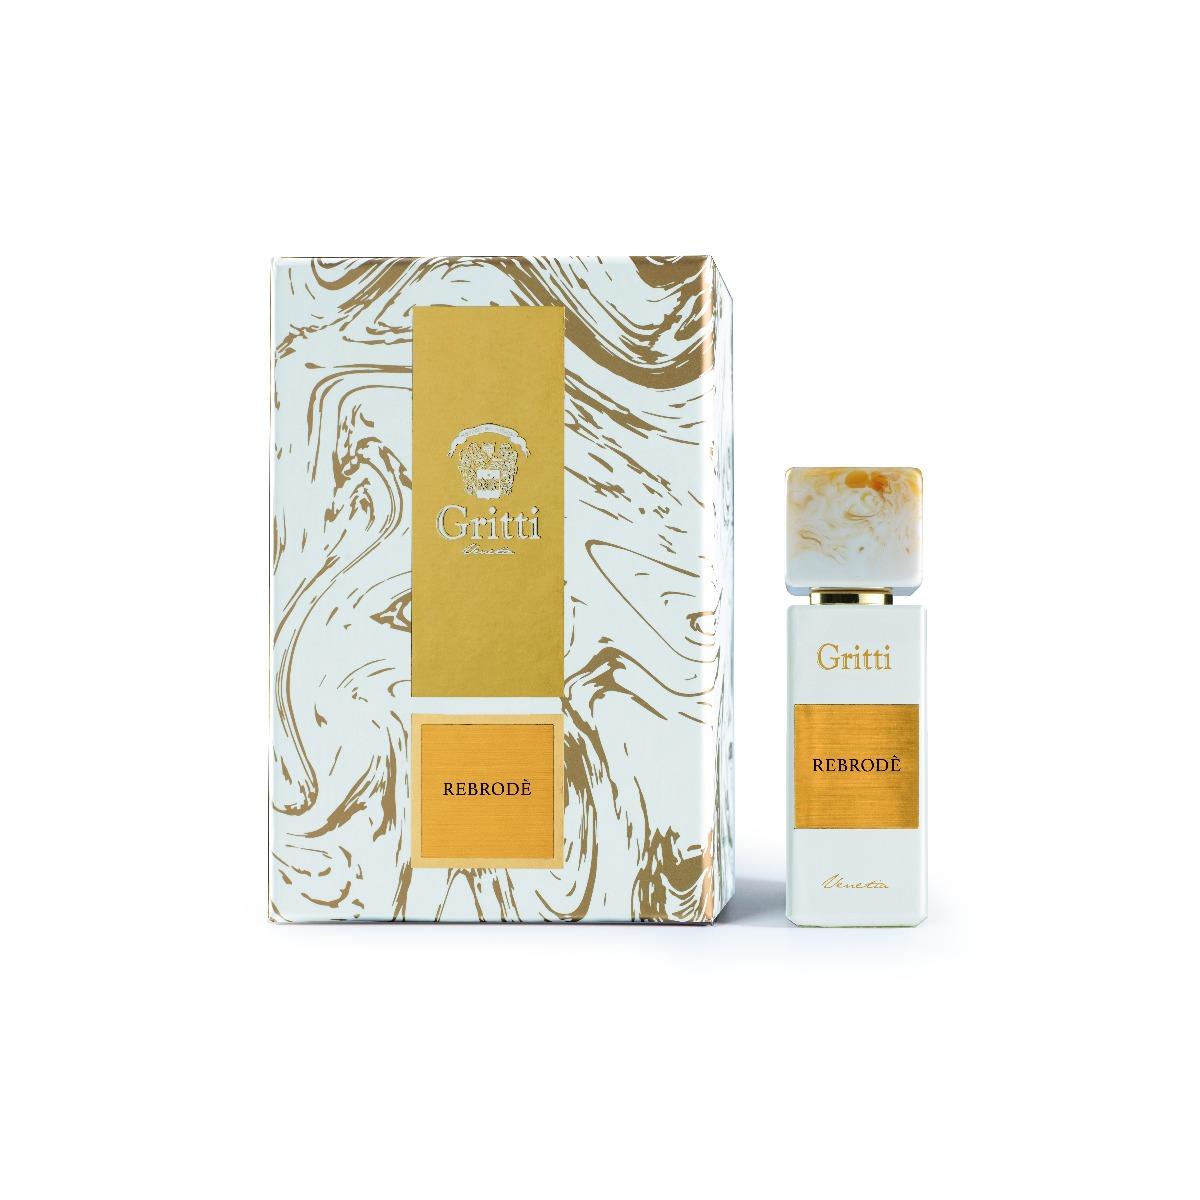 Gritti - Rebrodé - White Kollektion - Eau de Parfum 100 ml